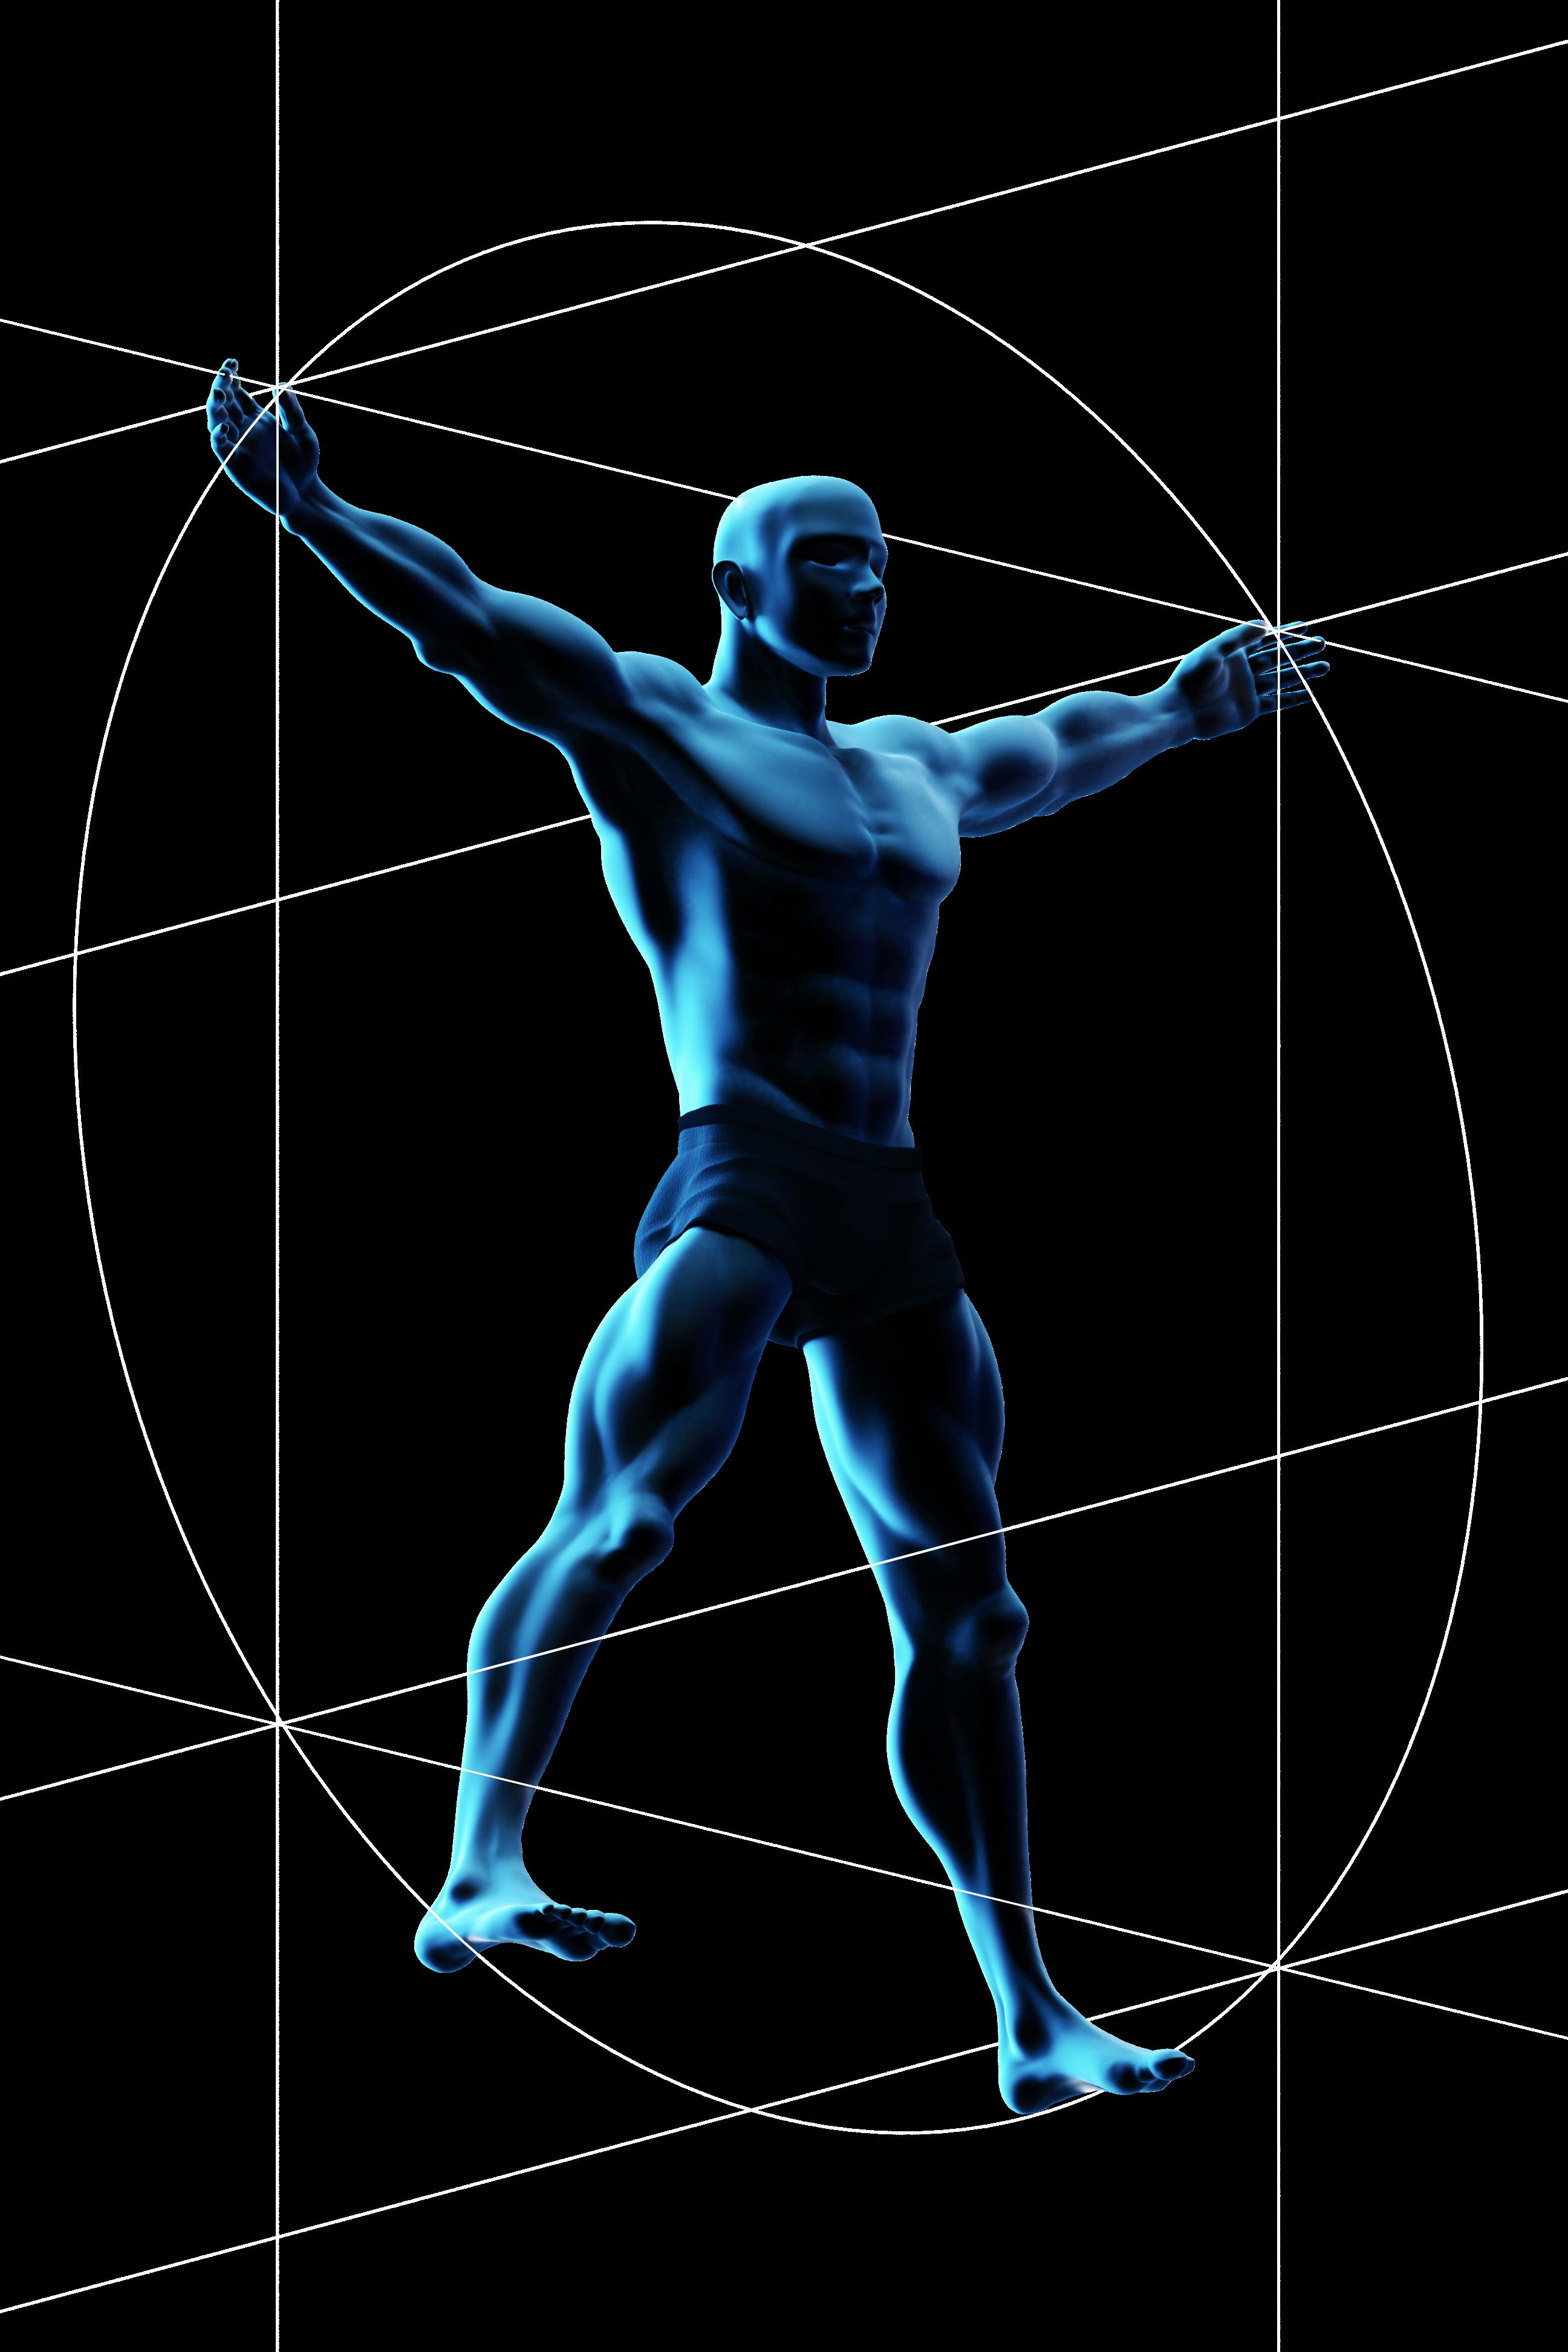 An updated, futuristic take on Da Vinci's Vitruvian Man .